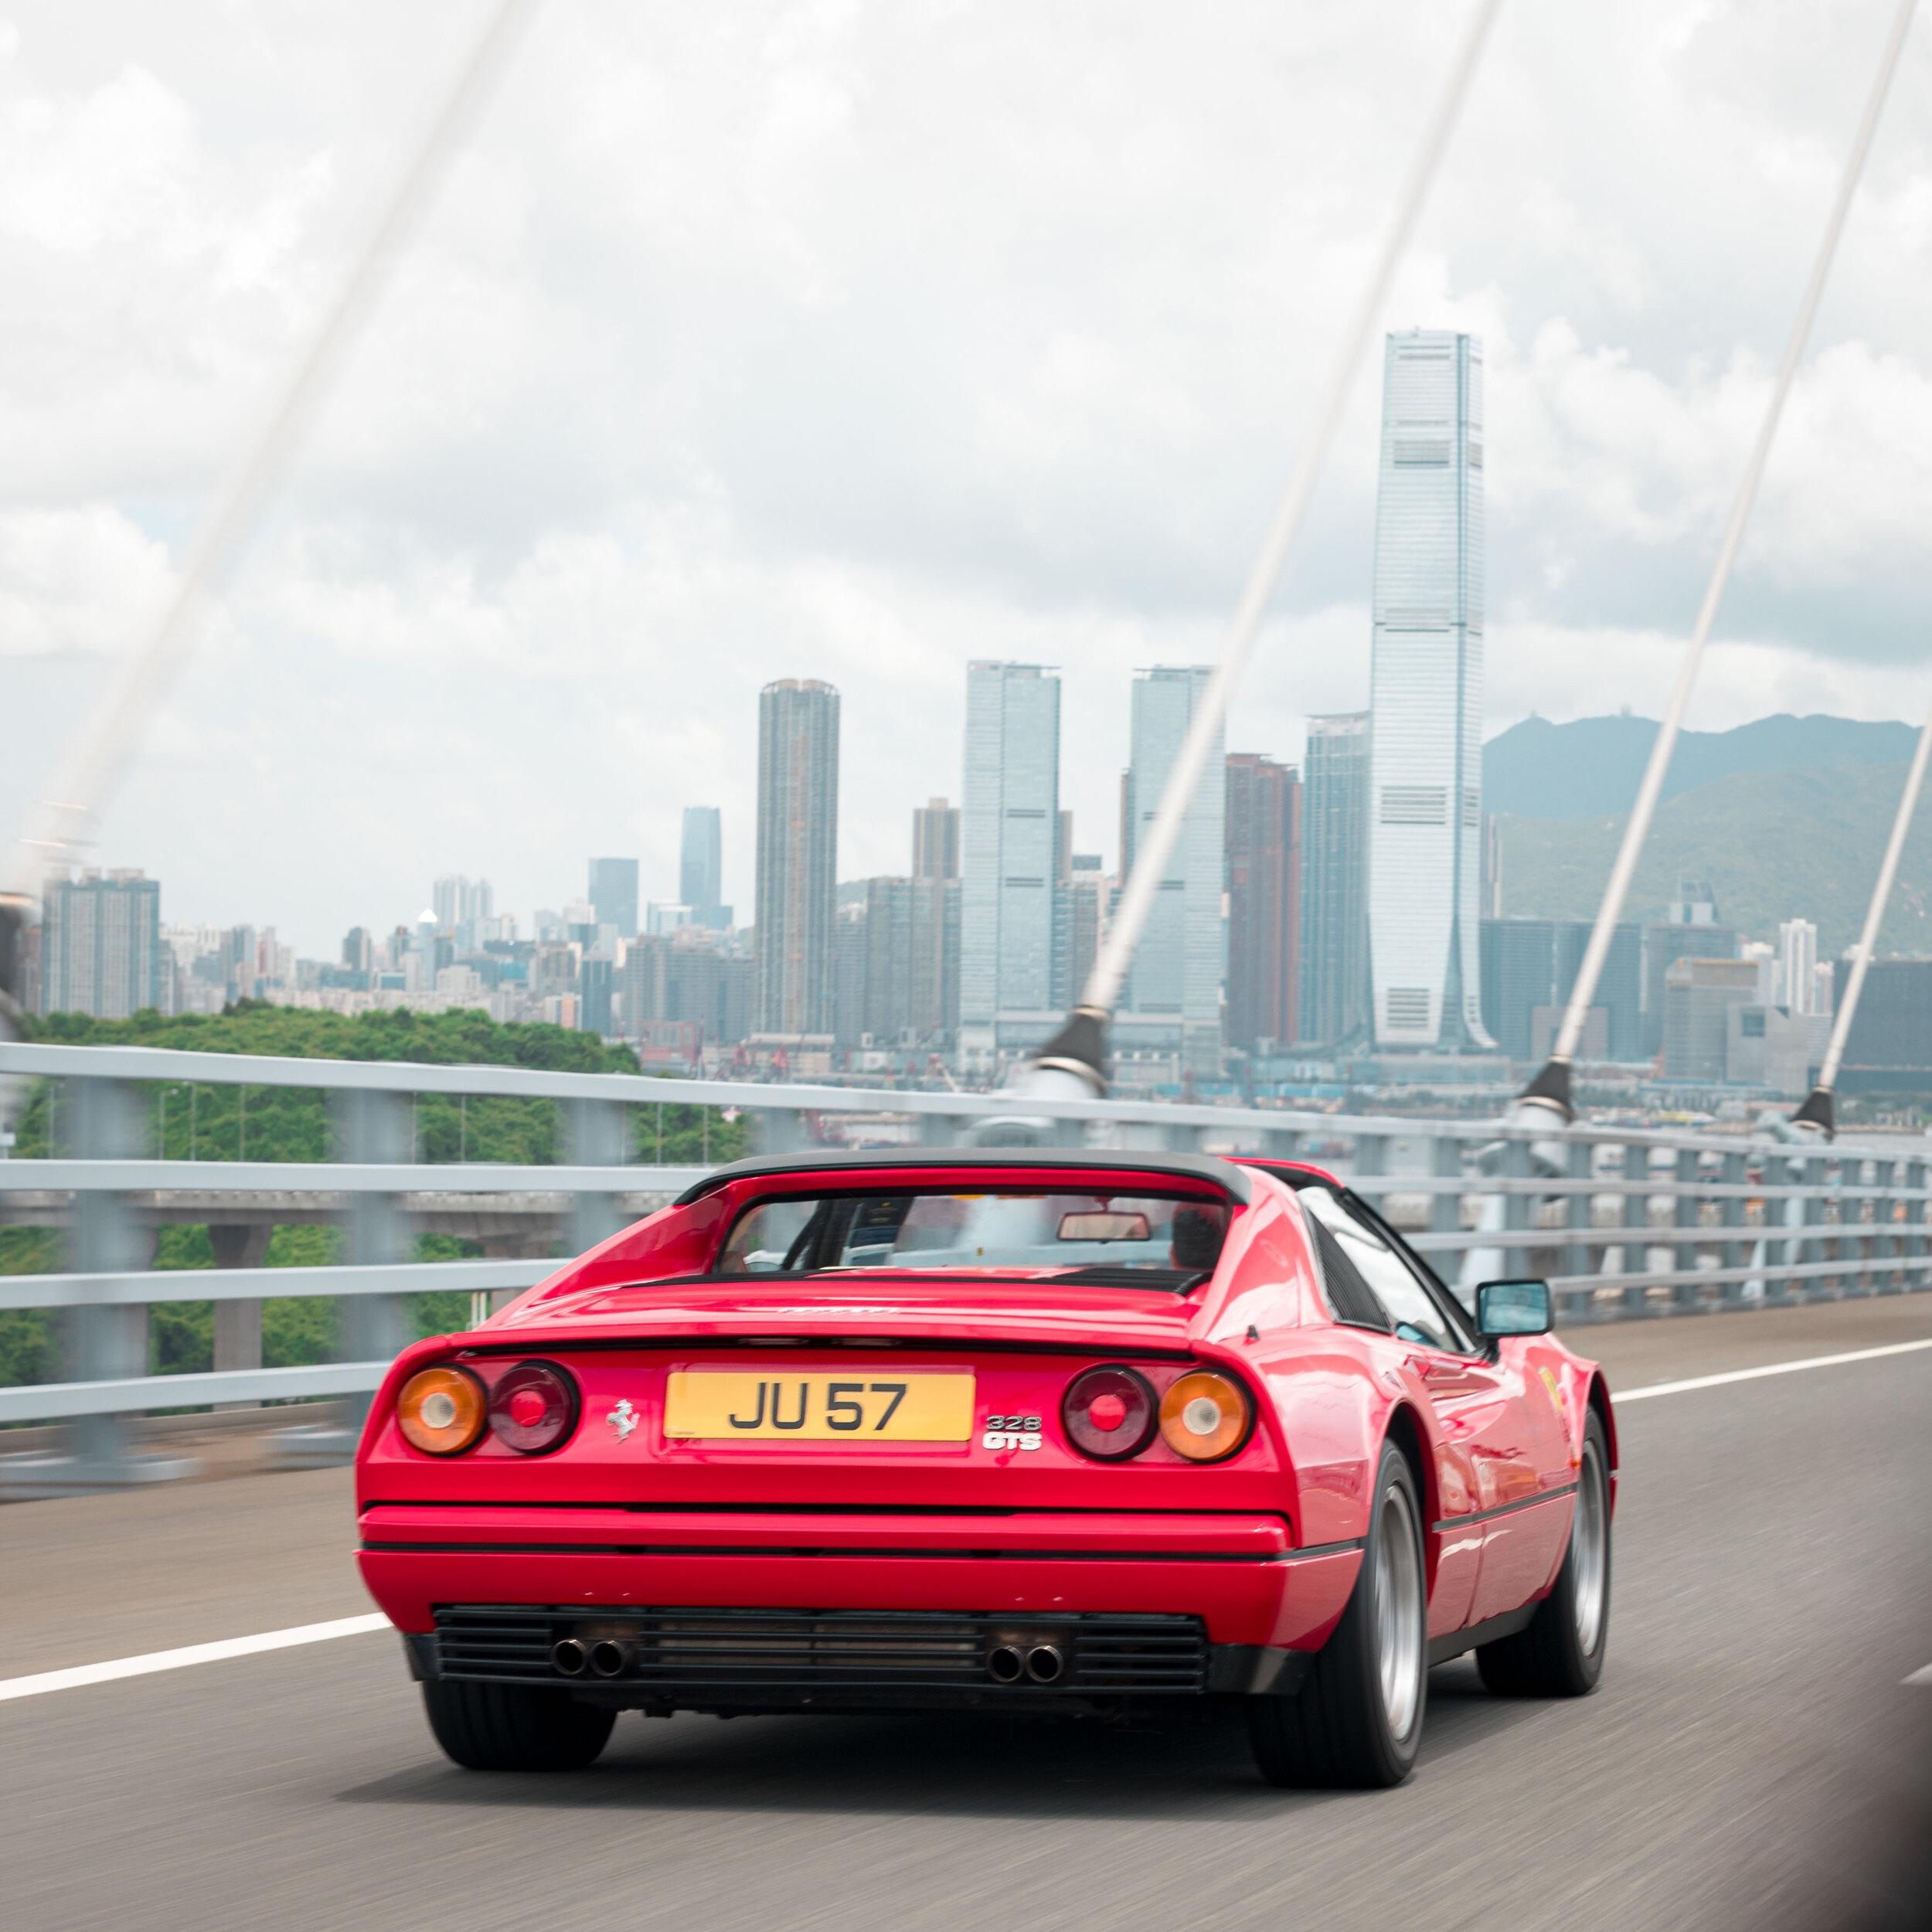 Instacarhk_Ferrari328_Belinda_Jiao (Copy)